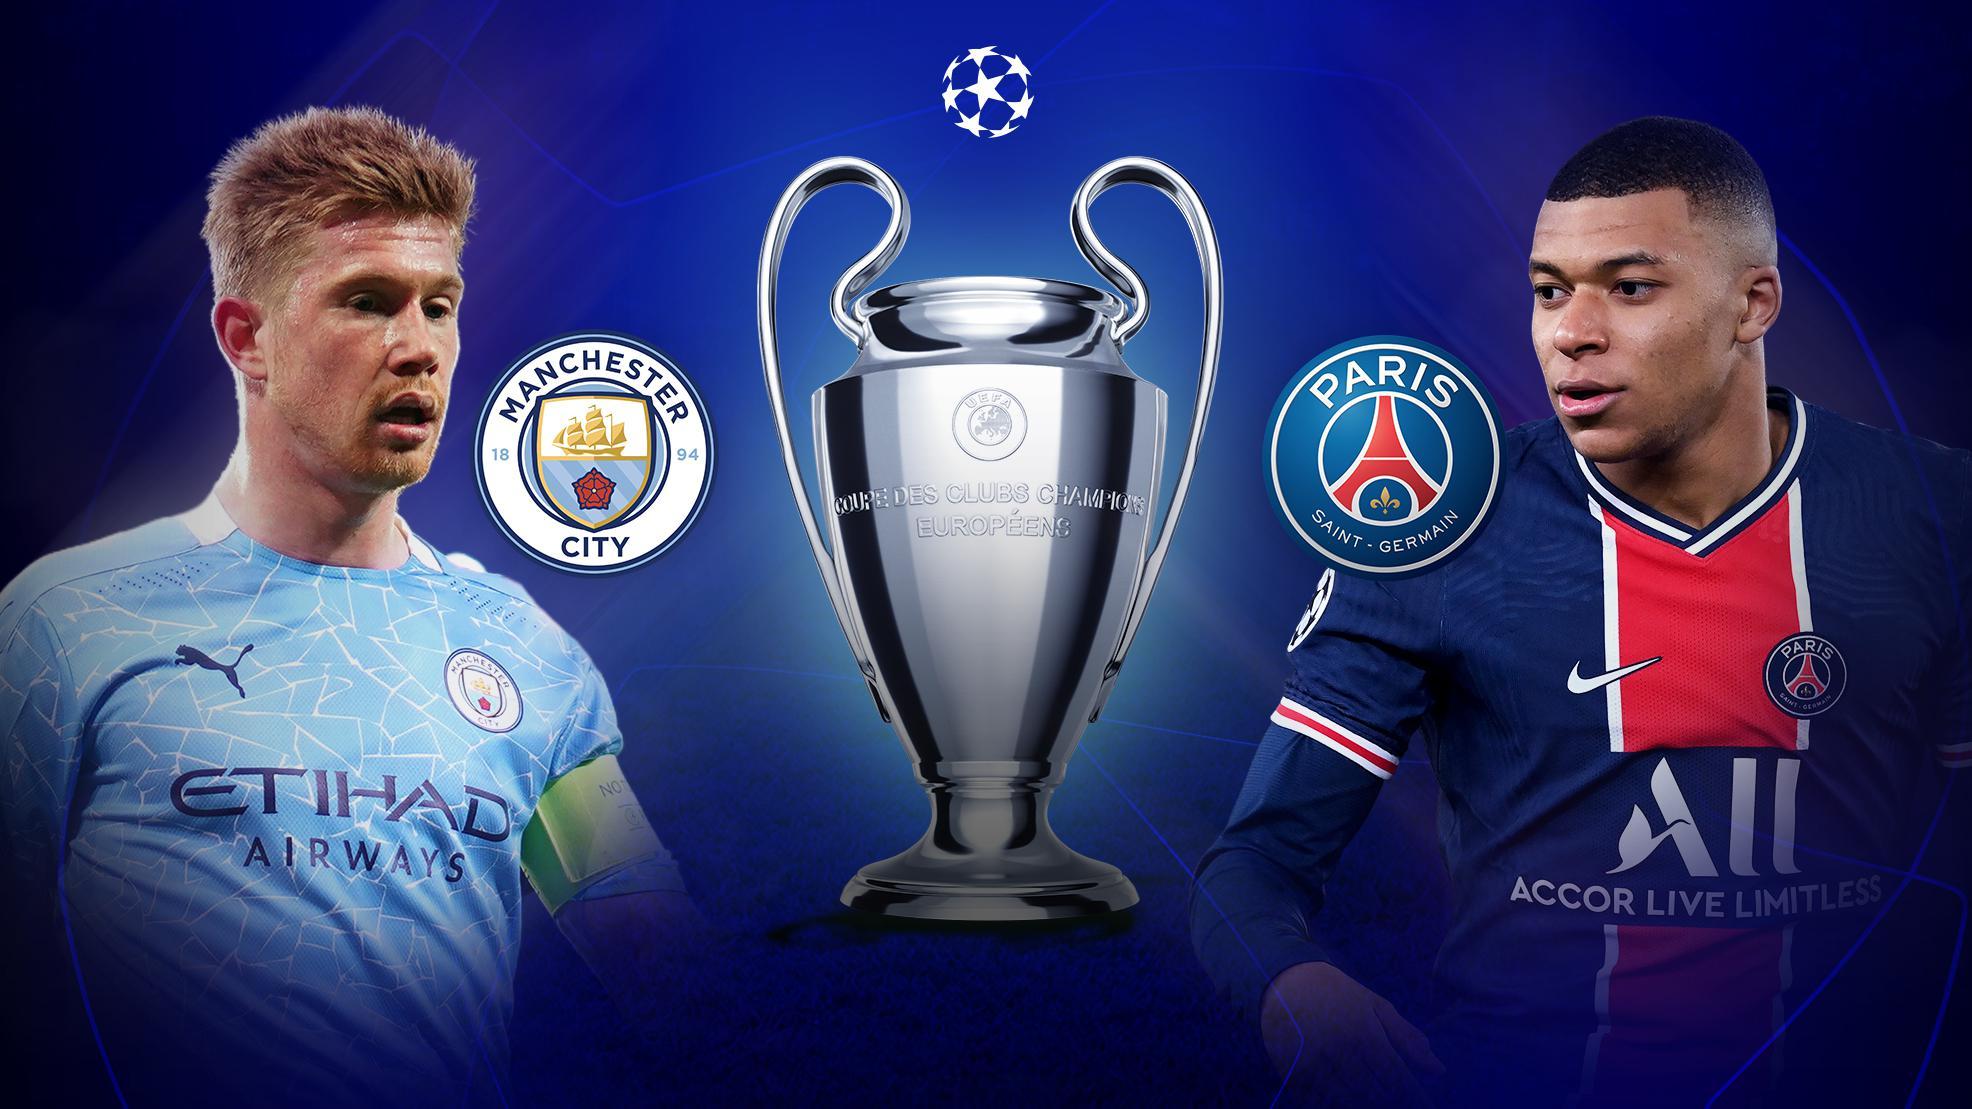 معلق مباراة مانشستر سيتي ضد باريس سان جيرمان اليوم والقنوات الناقلة في دوري أبطال أوروبا